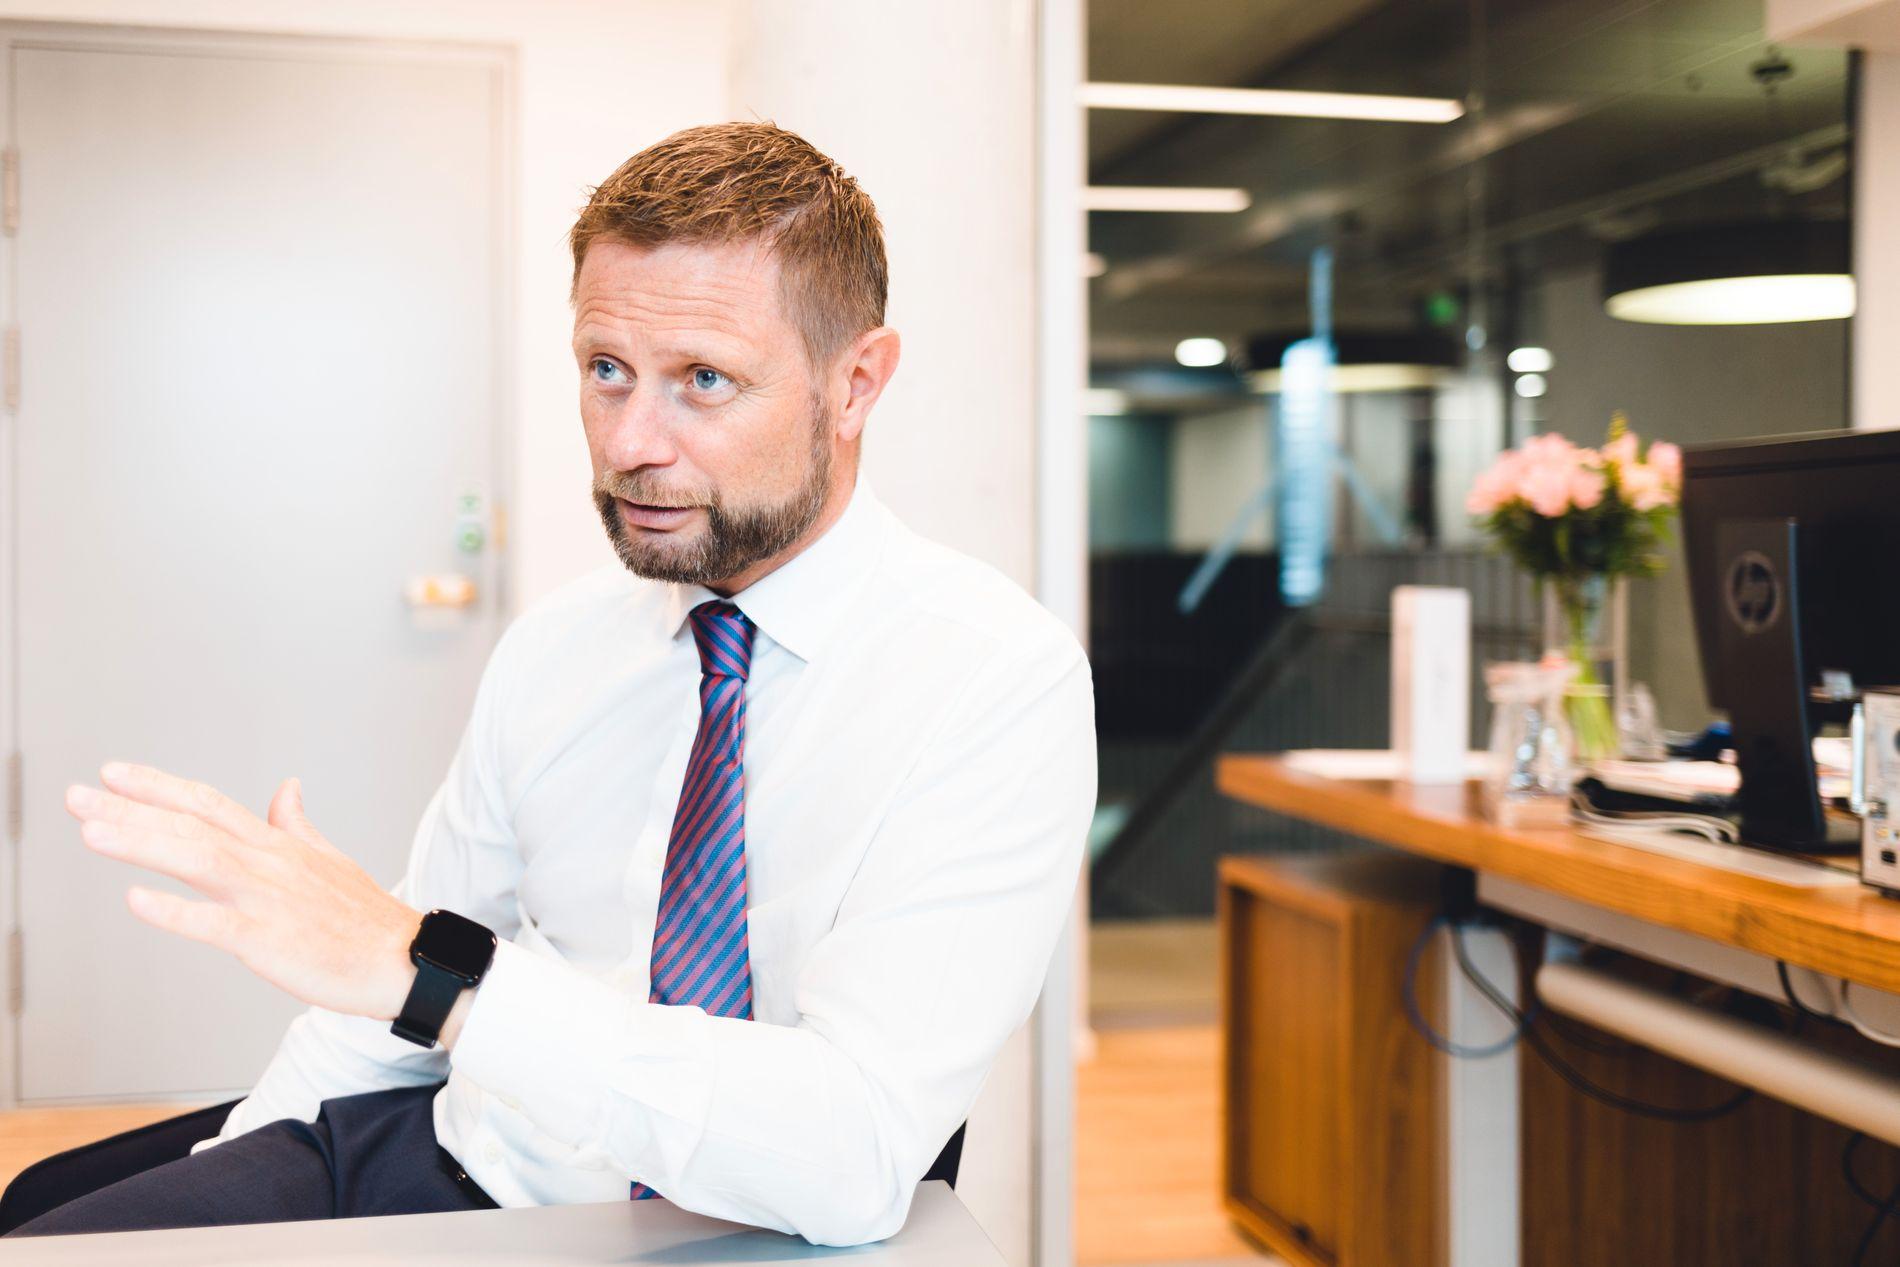 FÅR KRITIKK: Både Arbeiderpartiet og Senterpartiet krever svar fra helseminister Bent Høie.